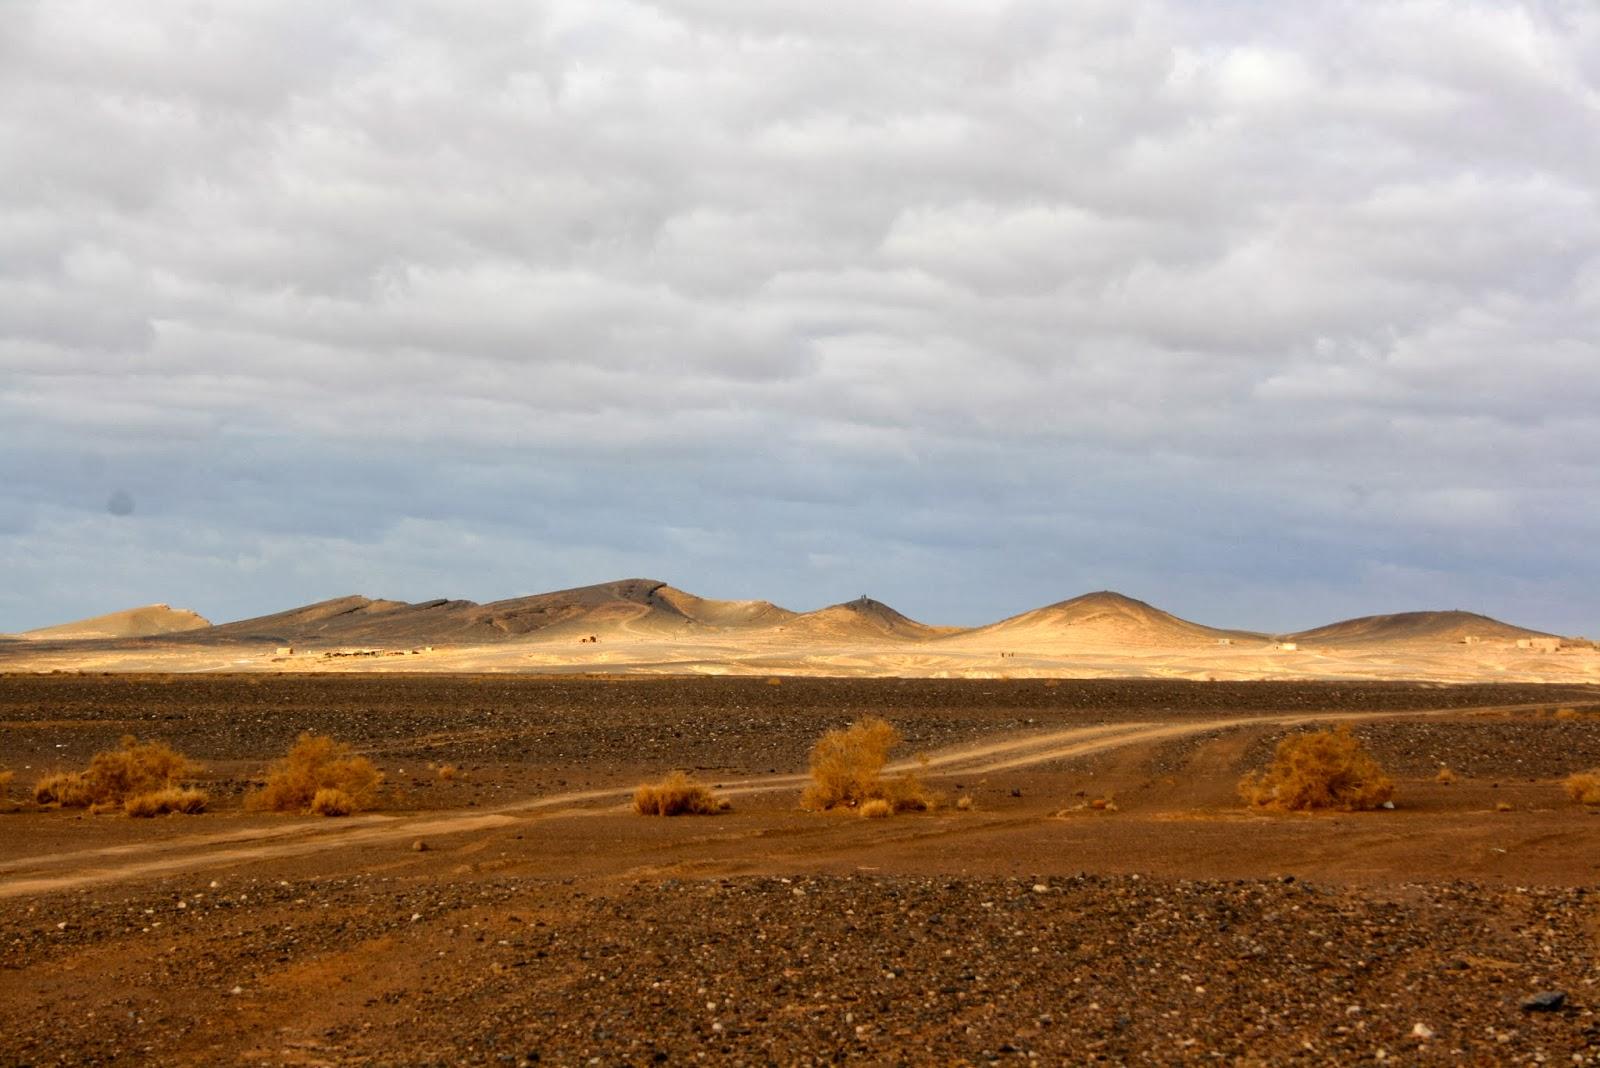 desierto de marruecos, felicidad, alojamiento rural, arfoud, merzouga, viajes por marruecos